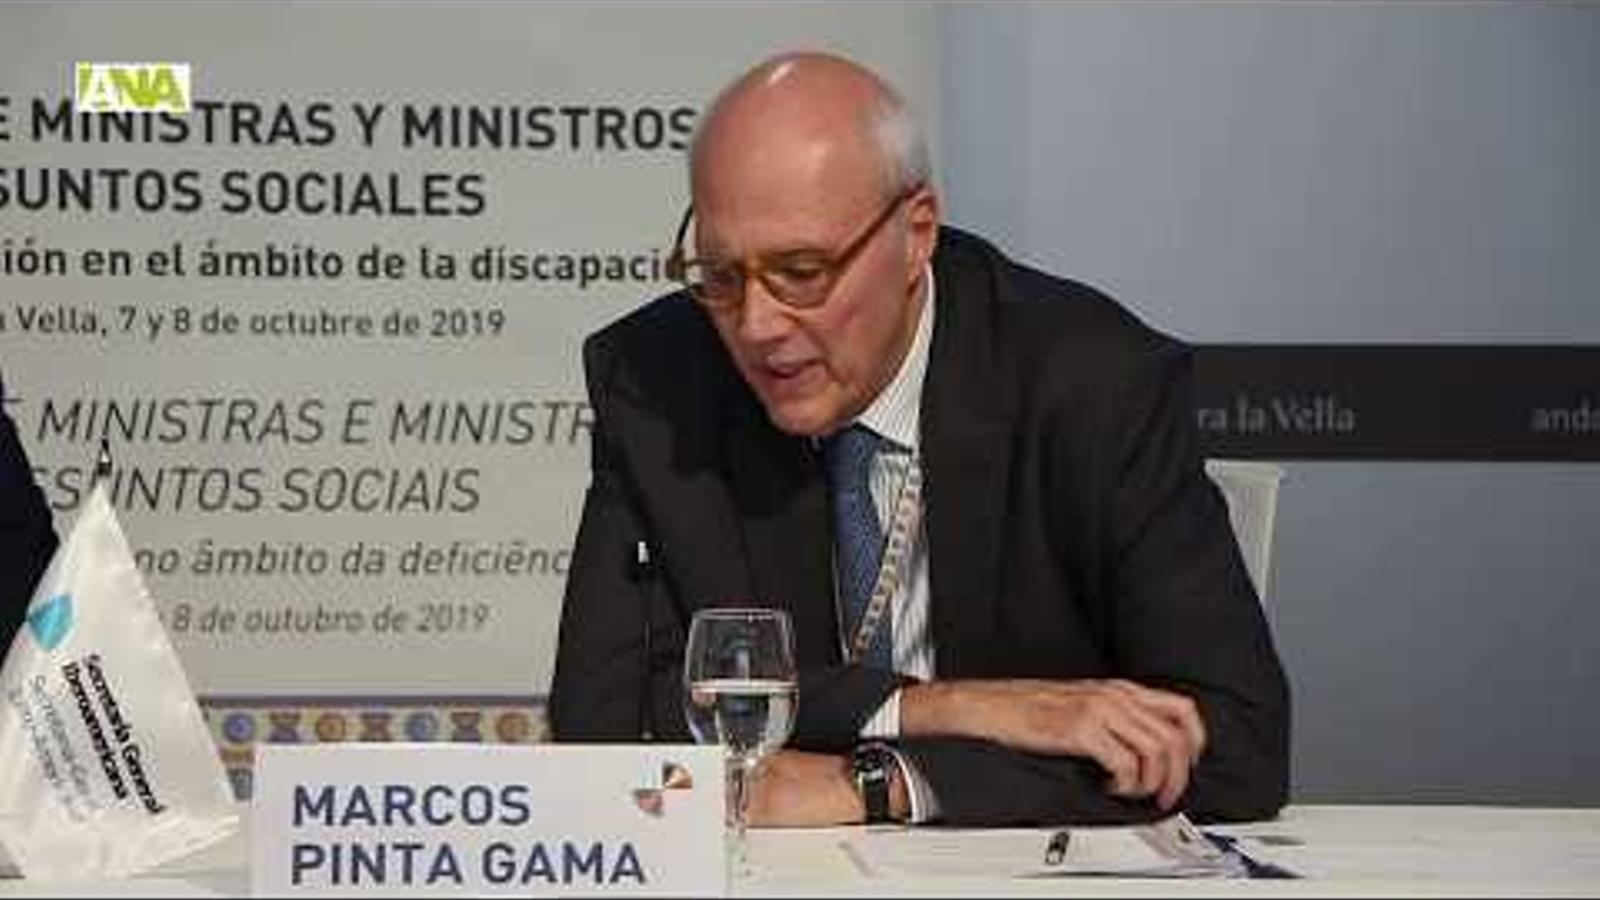 Conclusions de la 2a reunió iberoamericana de ministres d'Afers Socials